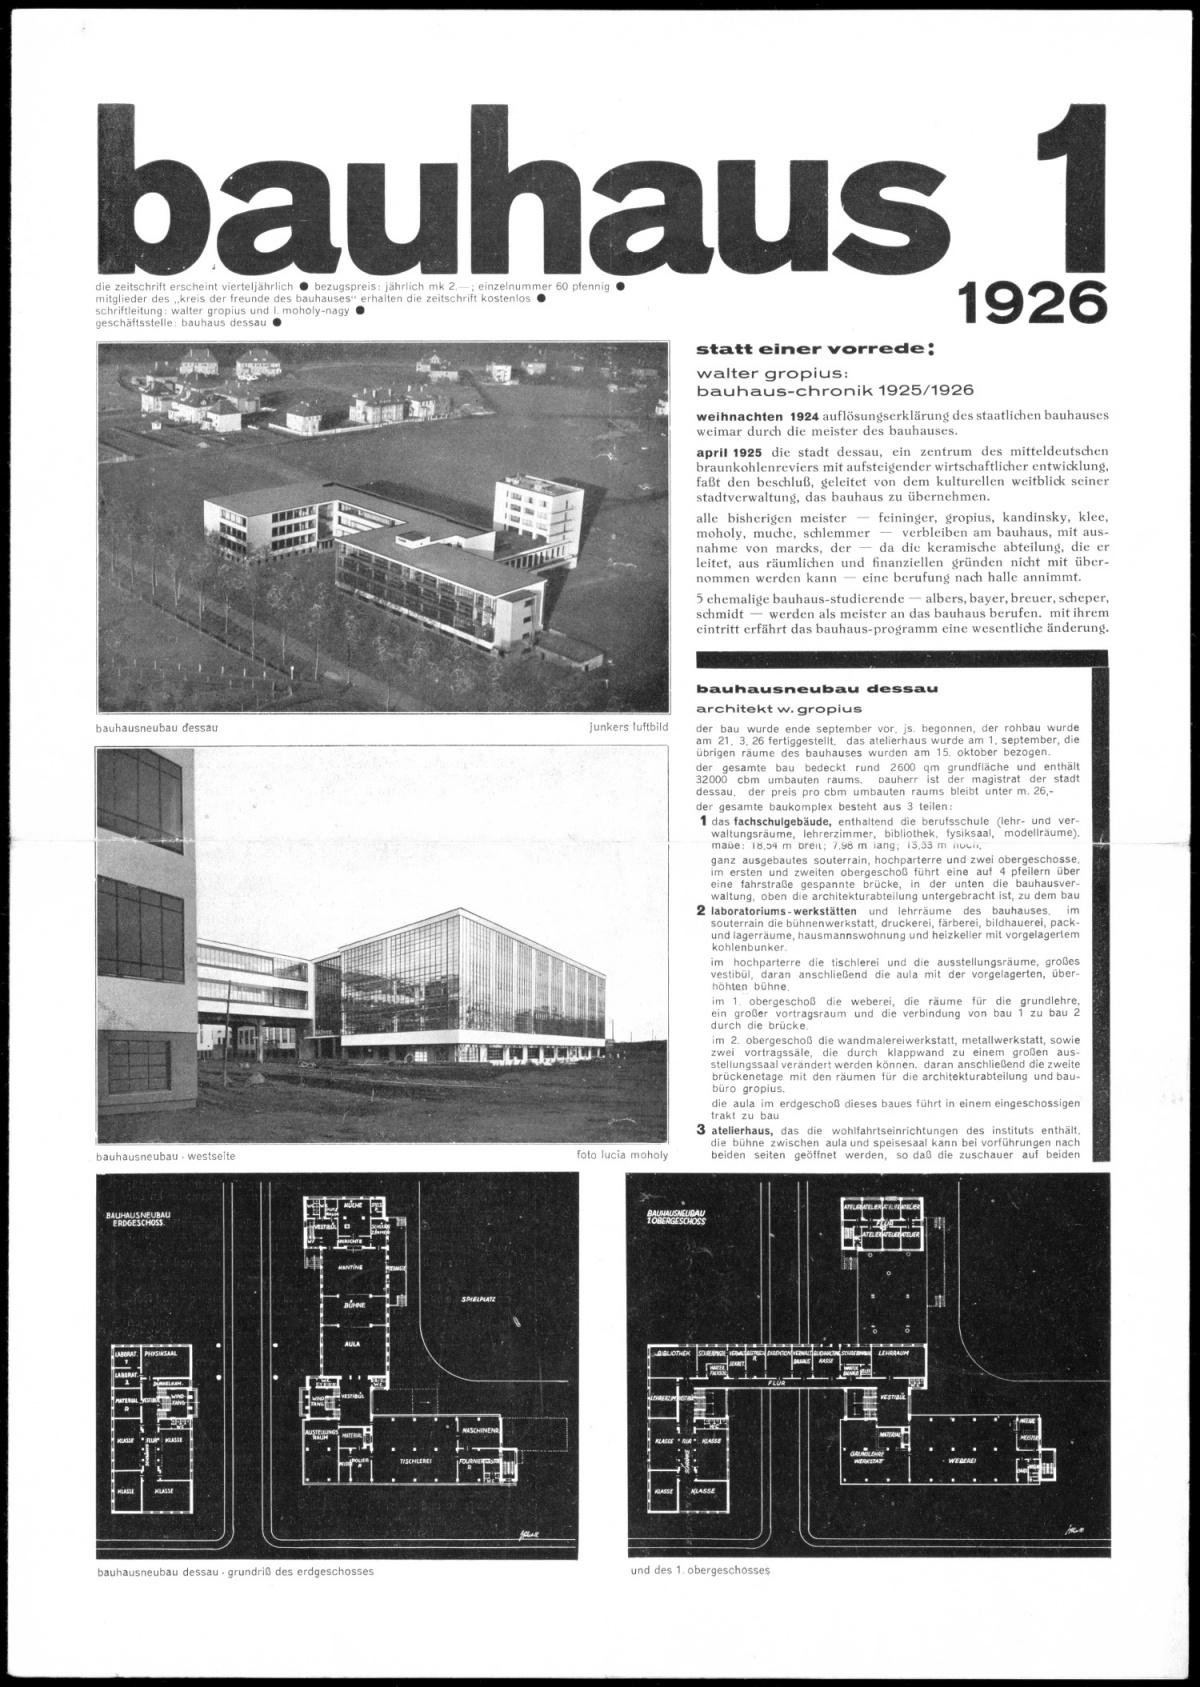 Bauhaus 1-1 1926.jpg